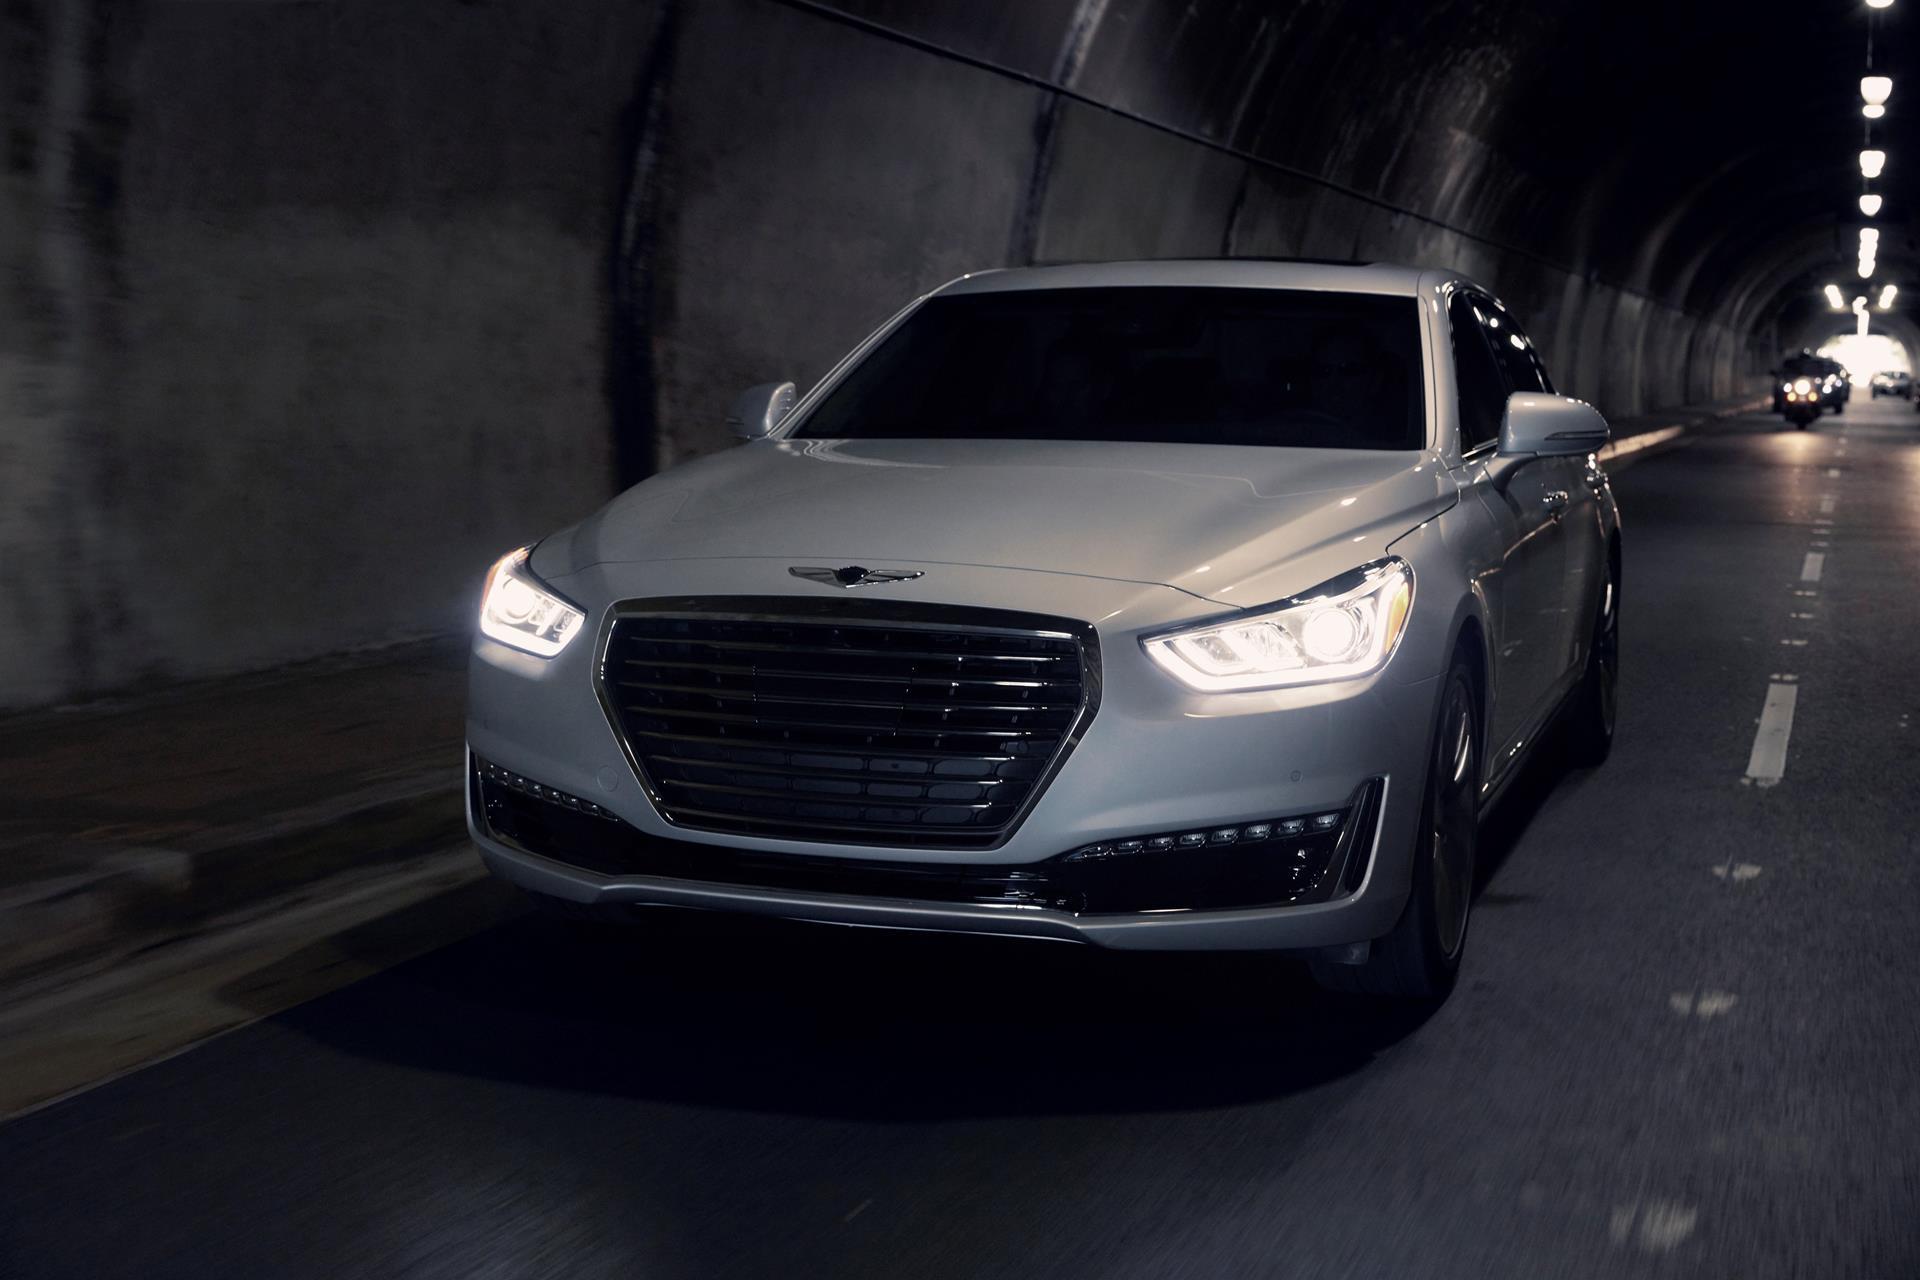 2017 Hyundai Genesis G90 - conceptcarz.com